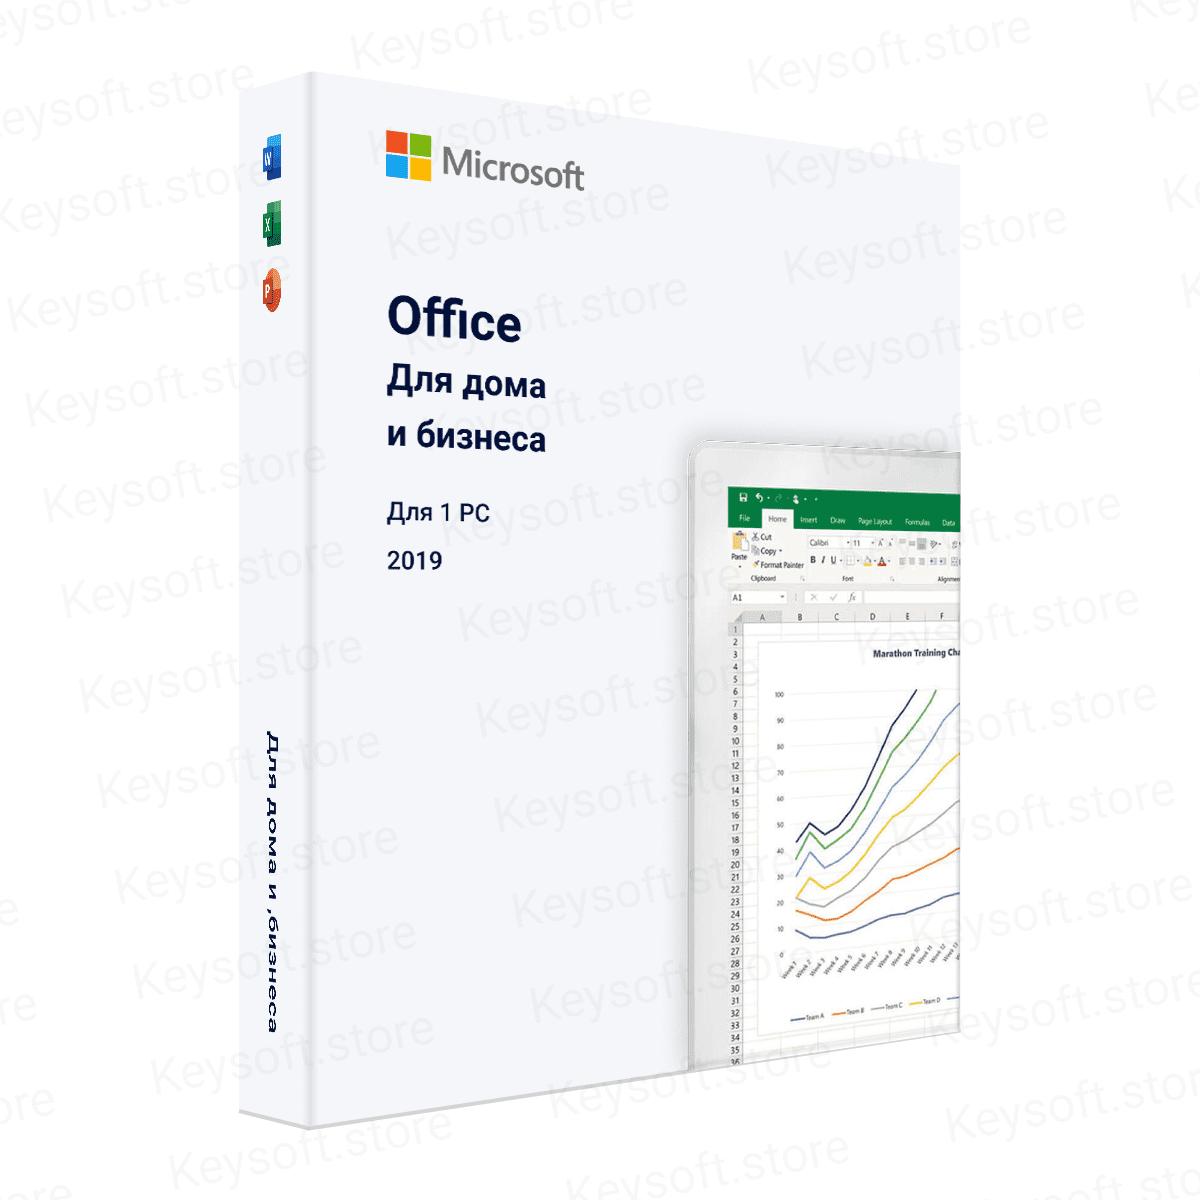 Office 2019 Для Дома и Бизнеса для Windows